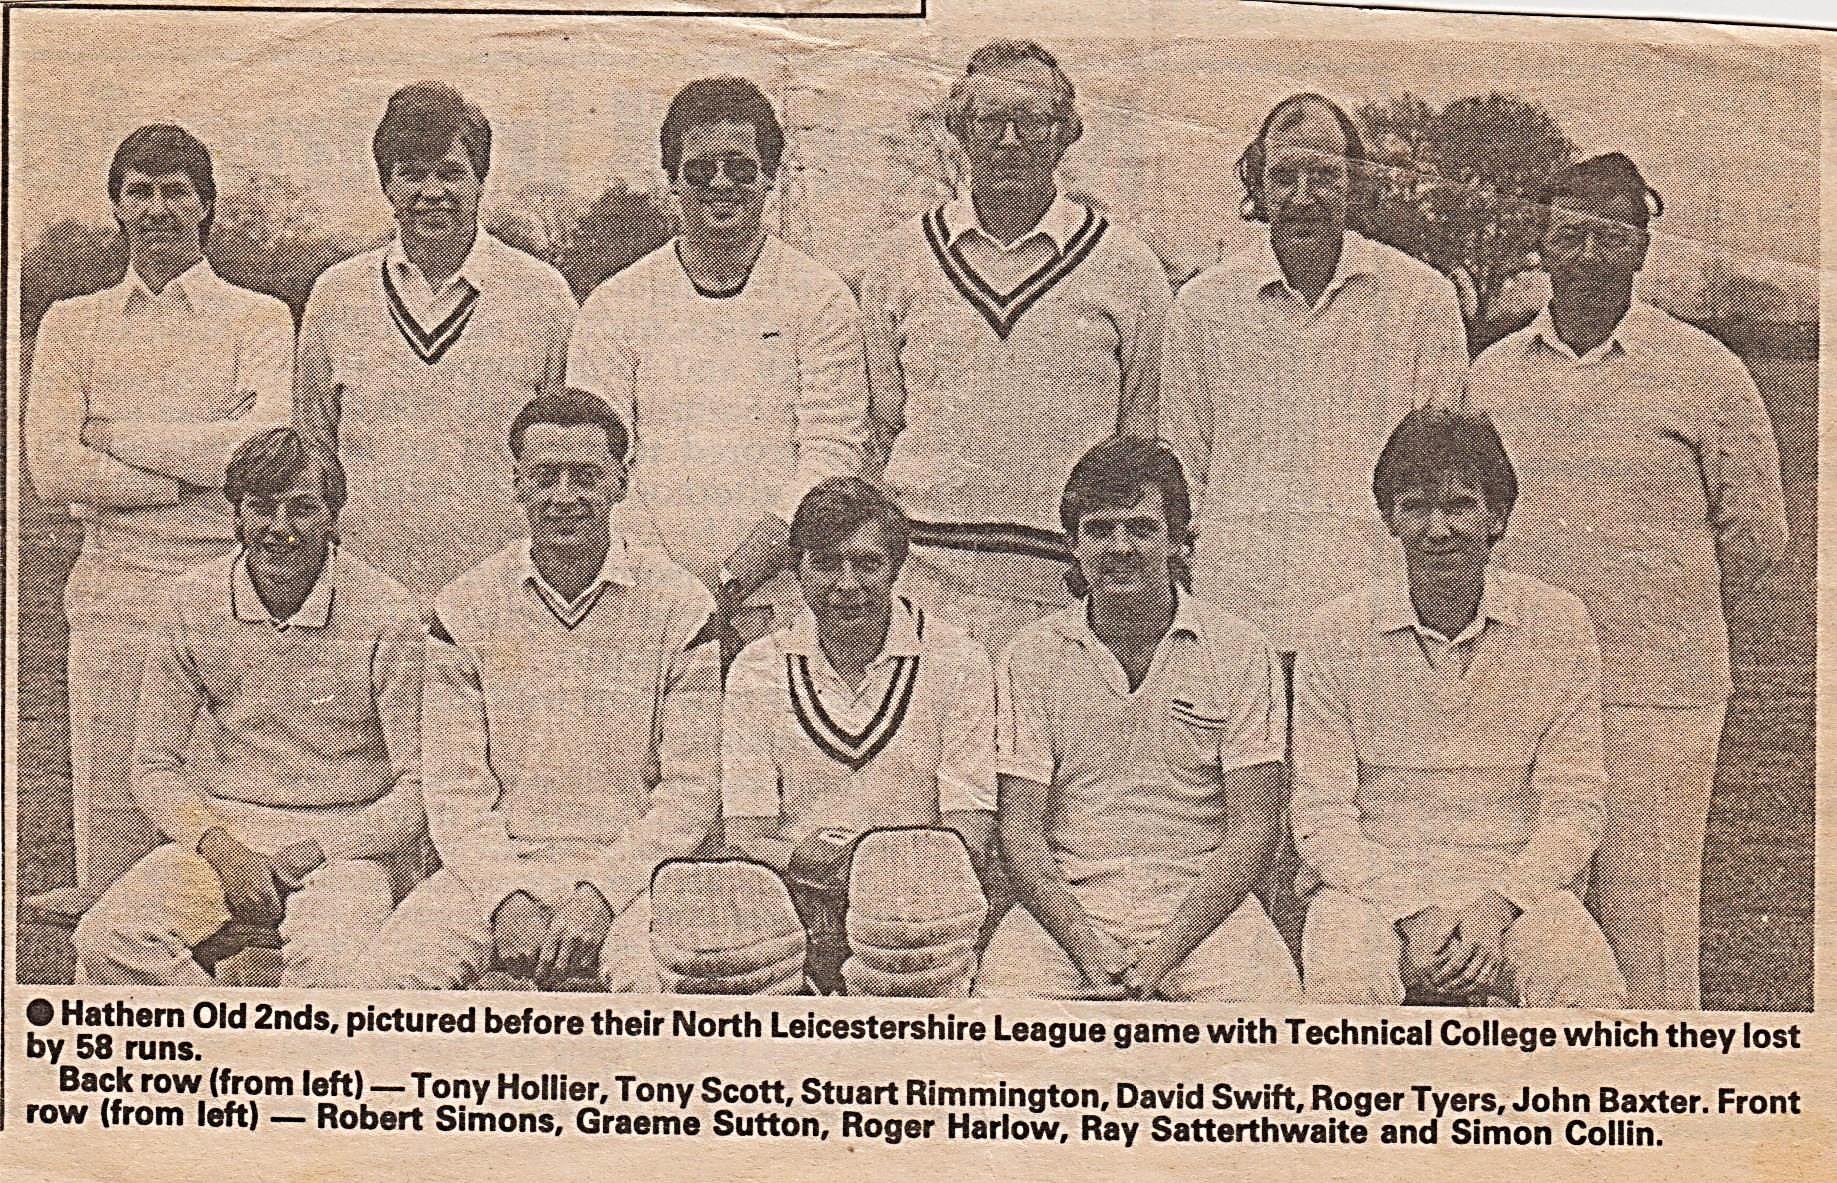 cricket_second_team_around_1980_001.jpg